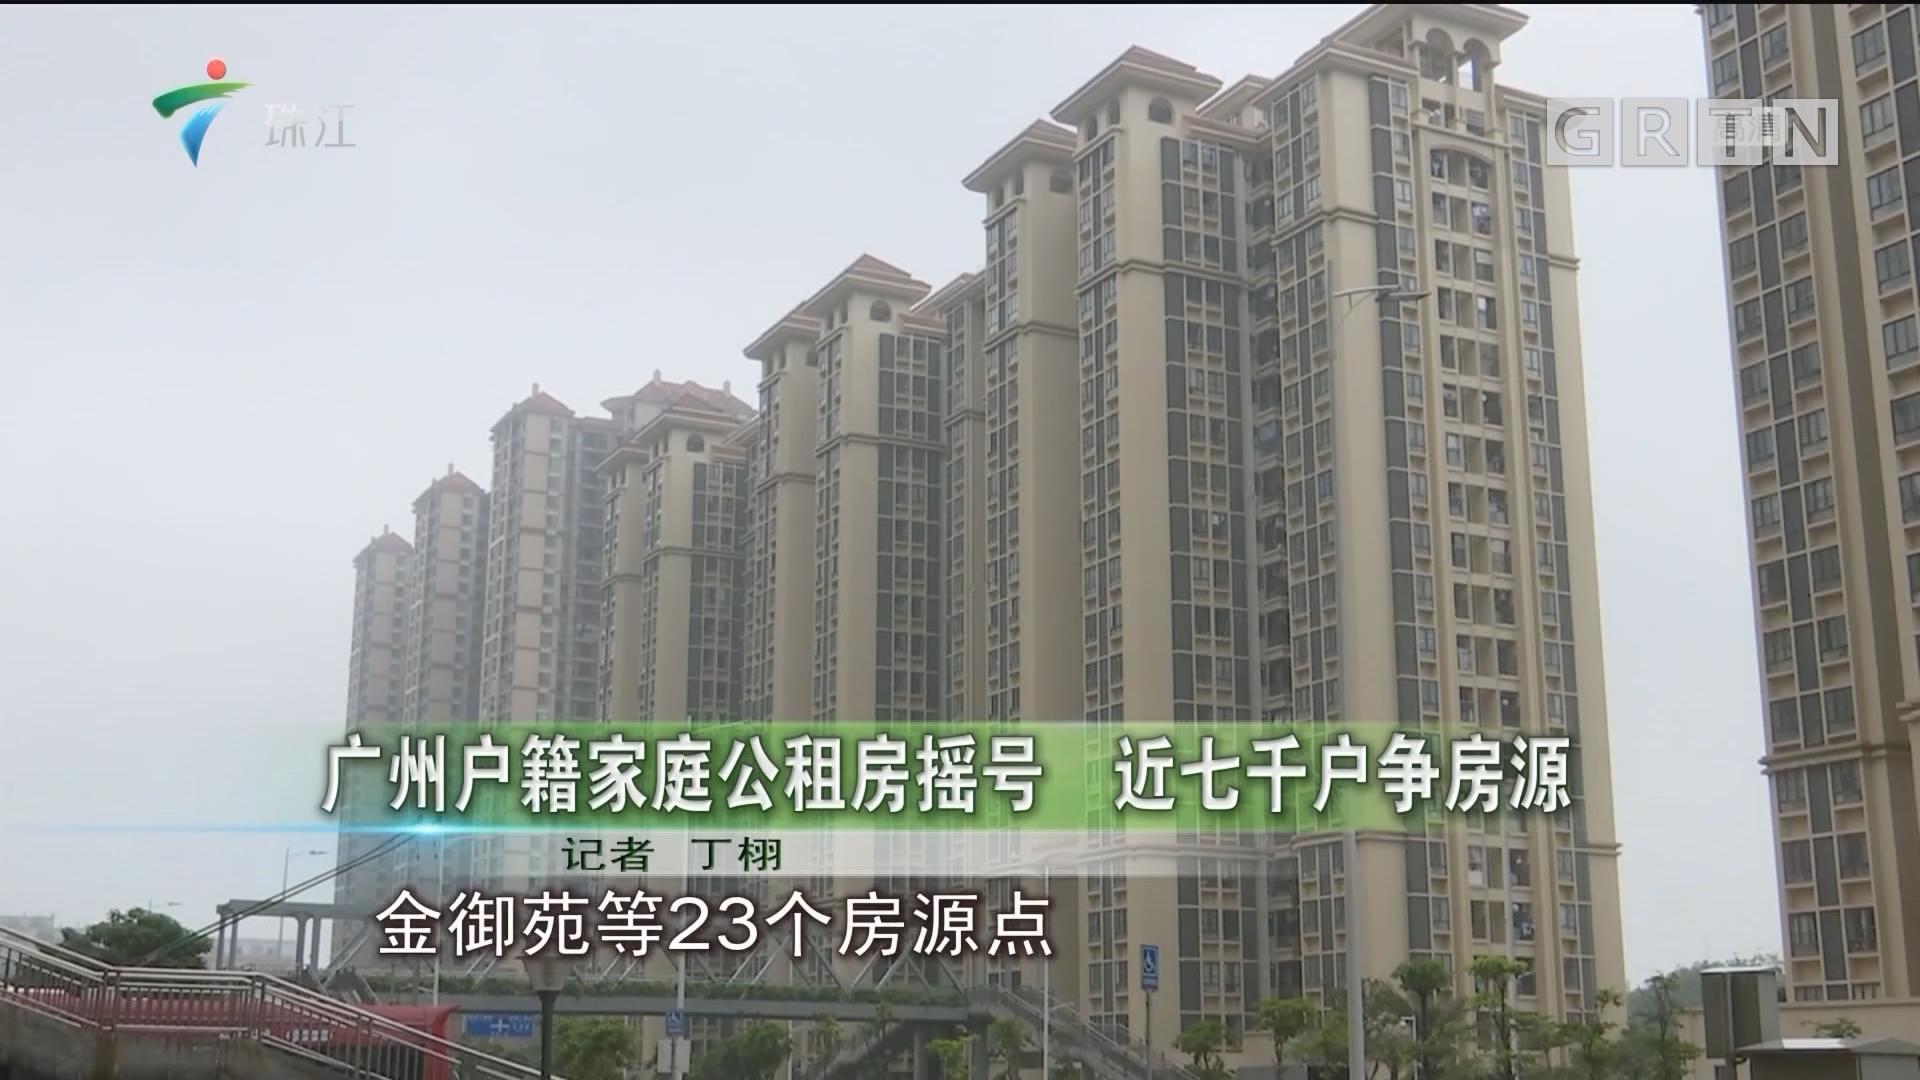 广州户籍家庭公租房摇号 近七千户争房源